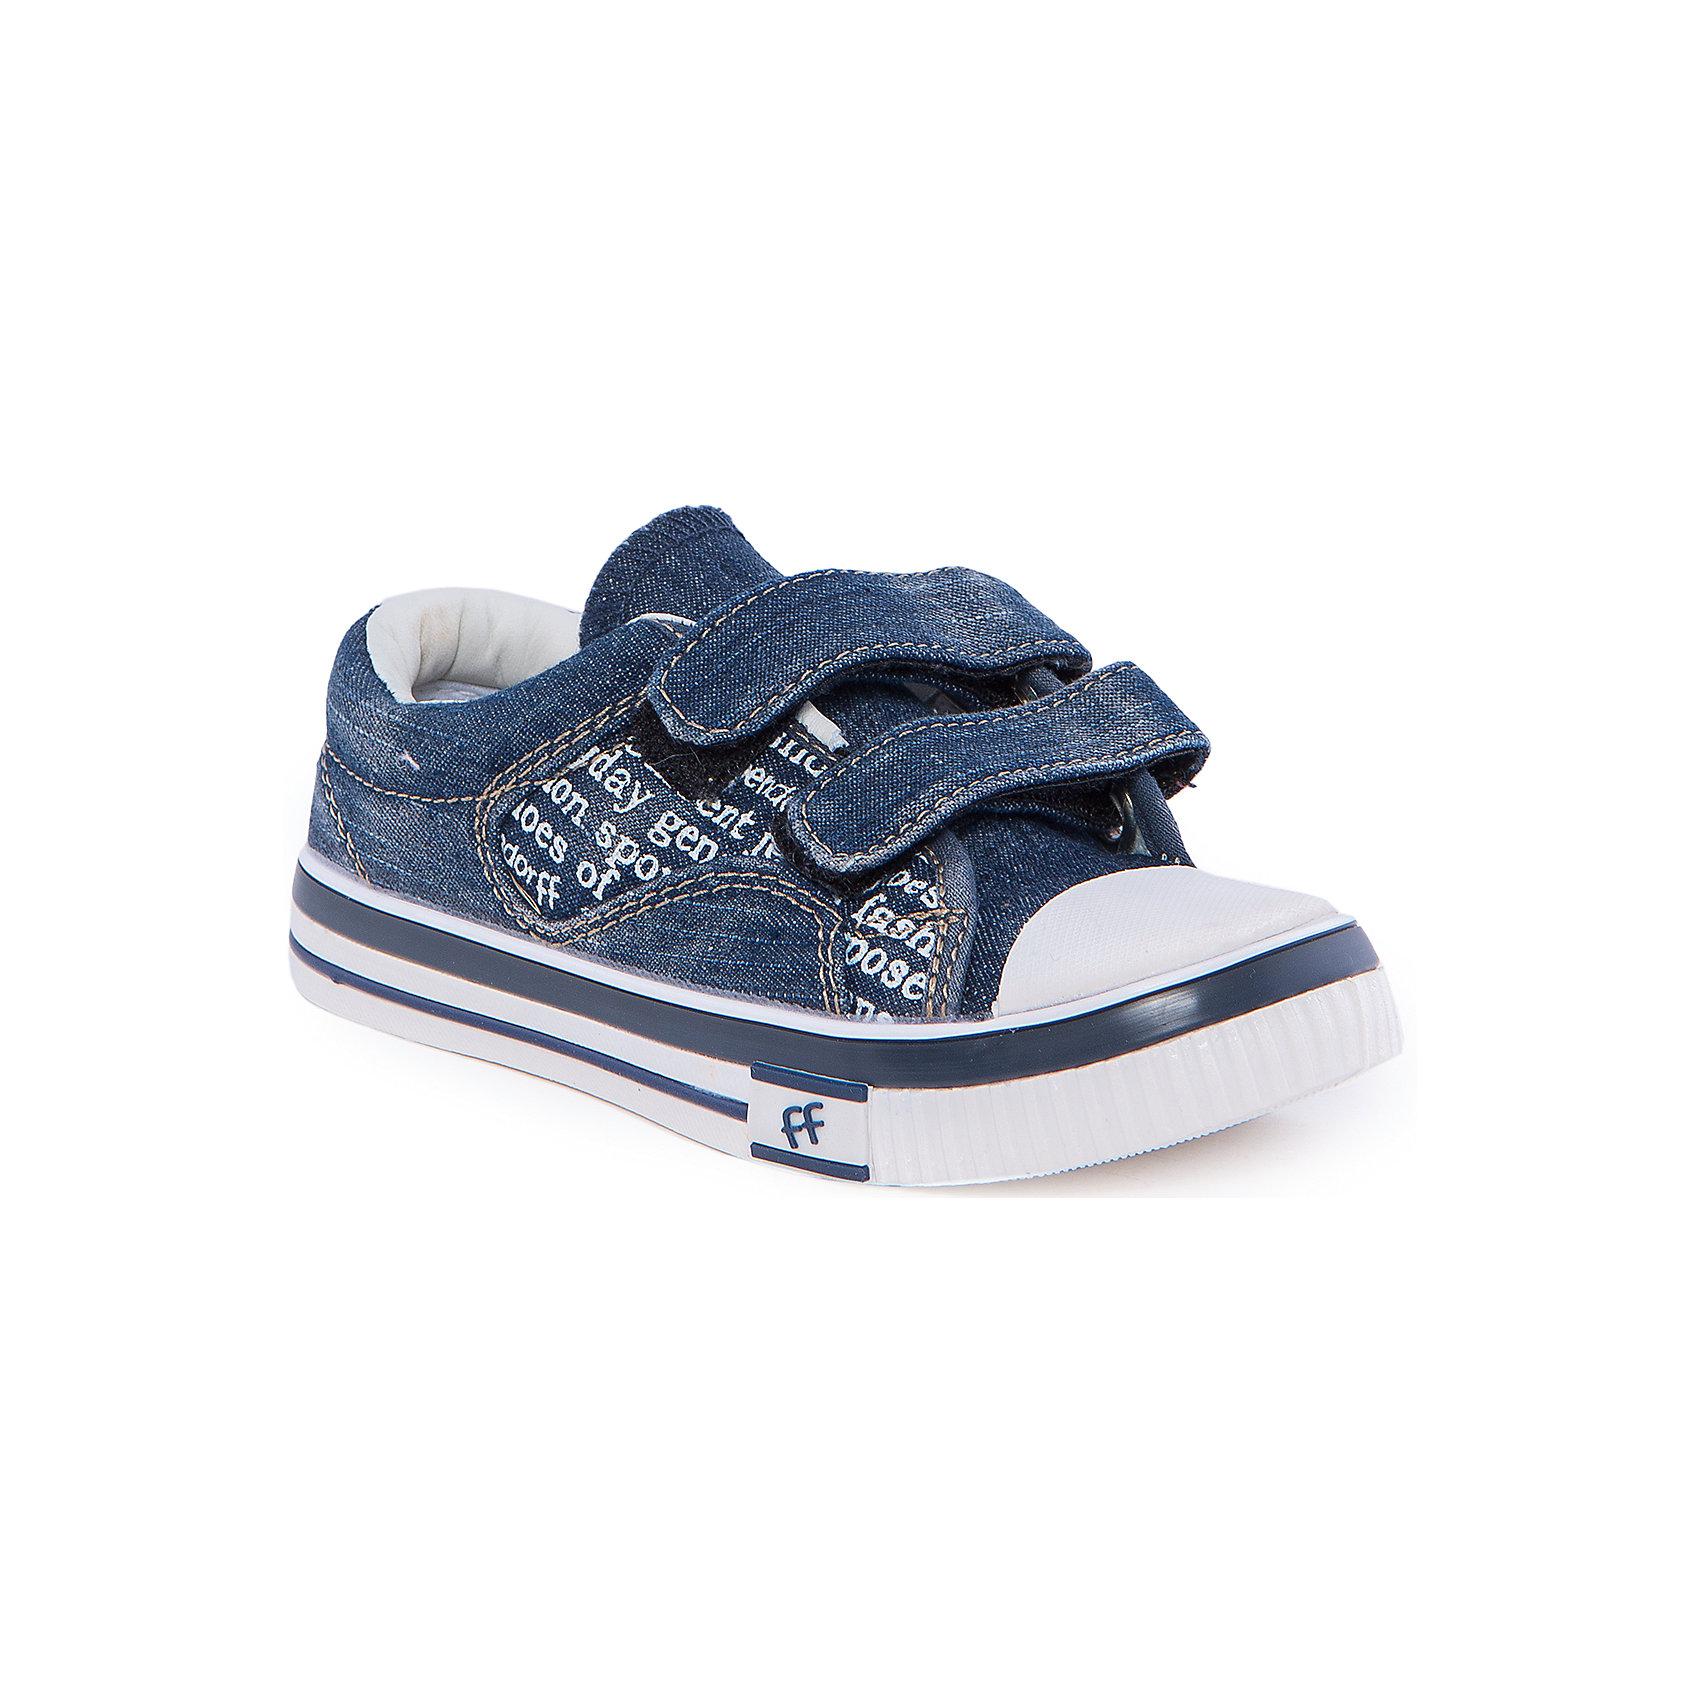 Кеды для мальчика BebendorffКеды для мальчика от известного бренда Bebendorff<br><br>Модные джинсовые кеды разнообразят гардероб мальчика в новом весенне-летнем сезоне. Кеды сделаны из качественных материалов, поэтому не только отлично смотрятся, но и обеспечивают комфорт детским ногам.<br><br>Отличительные особенности модели:<br><br>- цвет: синий джинс;<br>- удобная форма;<br>- защита пальцев;<br>- качественные материалы;<br>- толстая устойчивая подошва;<br>- хлопковая подкладка;<br>- застежка: липучки;<br>- декорированы принтом и контрастной прошивкой.<br><br>Дополнительная информация:<br><br>Температурный режим: от + 10° С до + 25° С.<br><br>Состав:<br>верх - текстиль;<br>подкладка - хлопок;<br>стелька - хлопок;<br>подошва - ПВХ.<br><br>Кеды для мальчика Bebendorff (Бебендорф) можно купить в нашем магазине.<br><br>Ширина мм: 250<br>Глубина мм: 150<br>Высота мм: 150<br>Вес г: 250<br>Цвет: синий<br>Возраст от месяцев: 72<br>Возраст до месяцев: 84<br>Пол: Мужской<br>Возраст: Детский<br>Размер: 30,29,31,33,34,32<br>SKU: 4554716